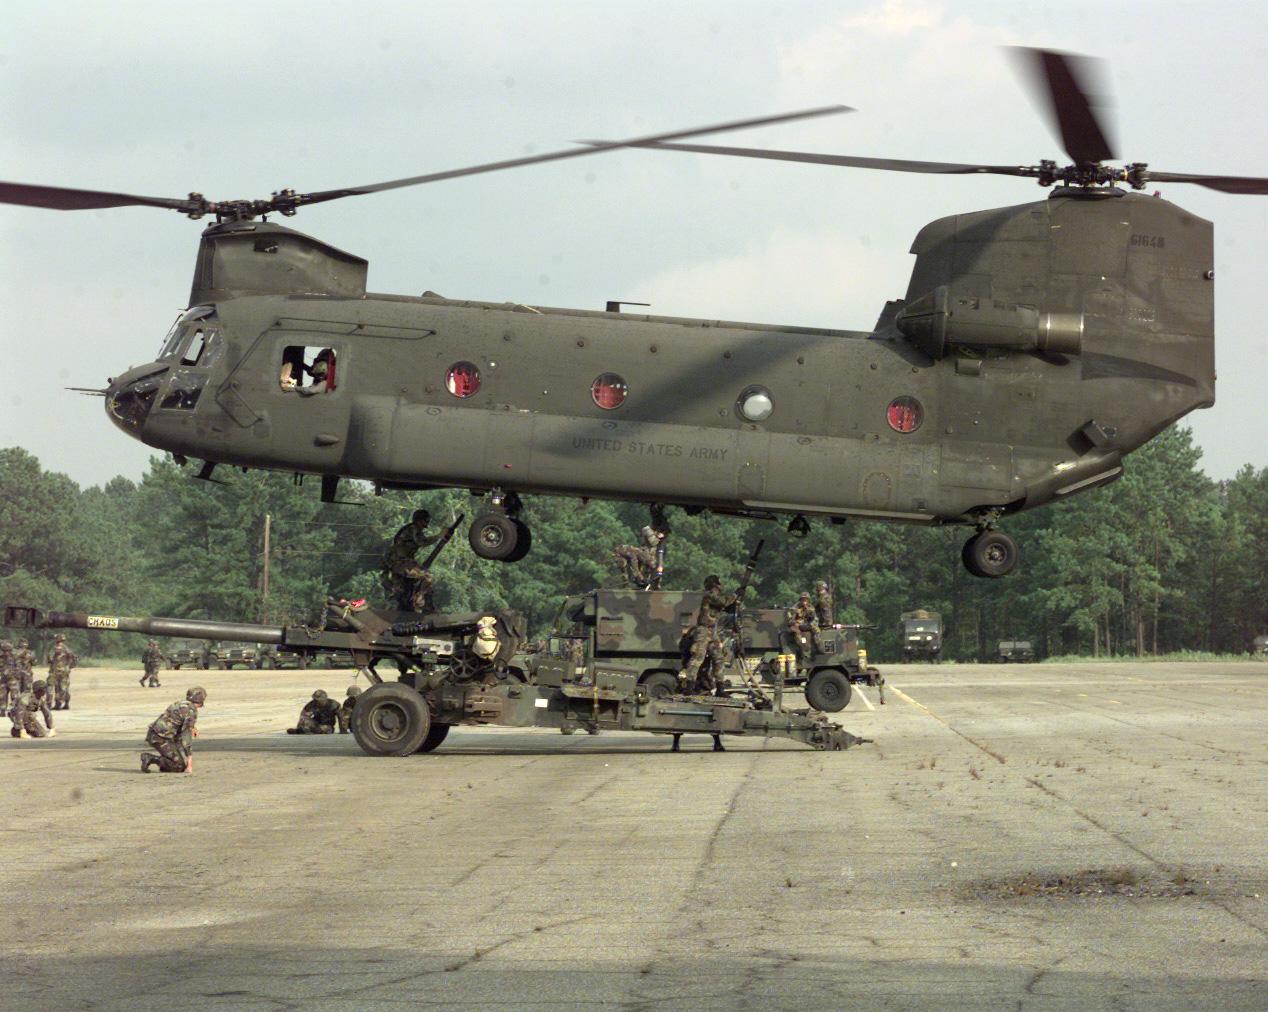 Uma das tarefas de apoio que os CH-47 Chinook executam com muita agilidade é o transporte enganchado (externo) de grandes peças de artilharia como este M198 howitzer do Exército dos Estados Unidos (Foto:US Army)